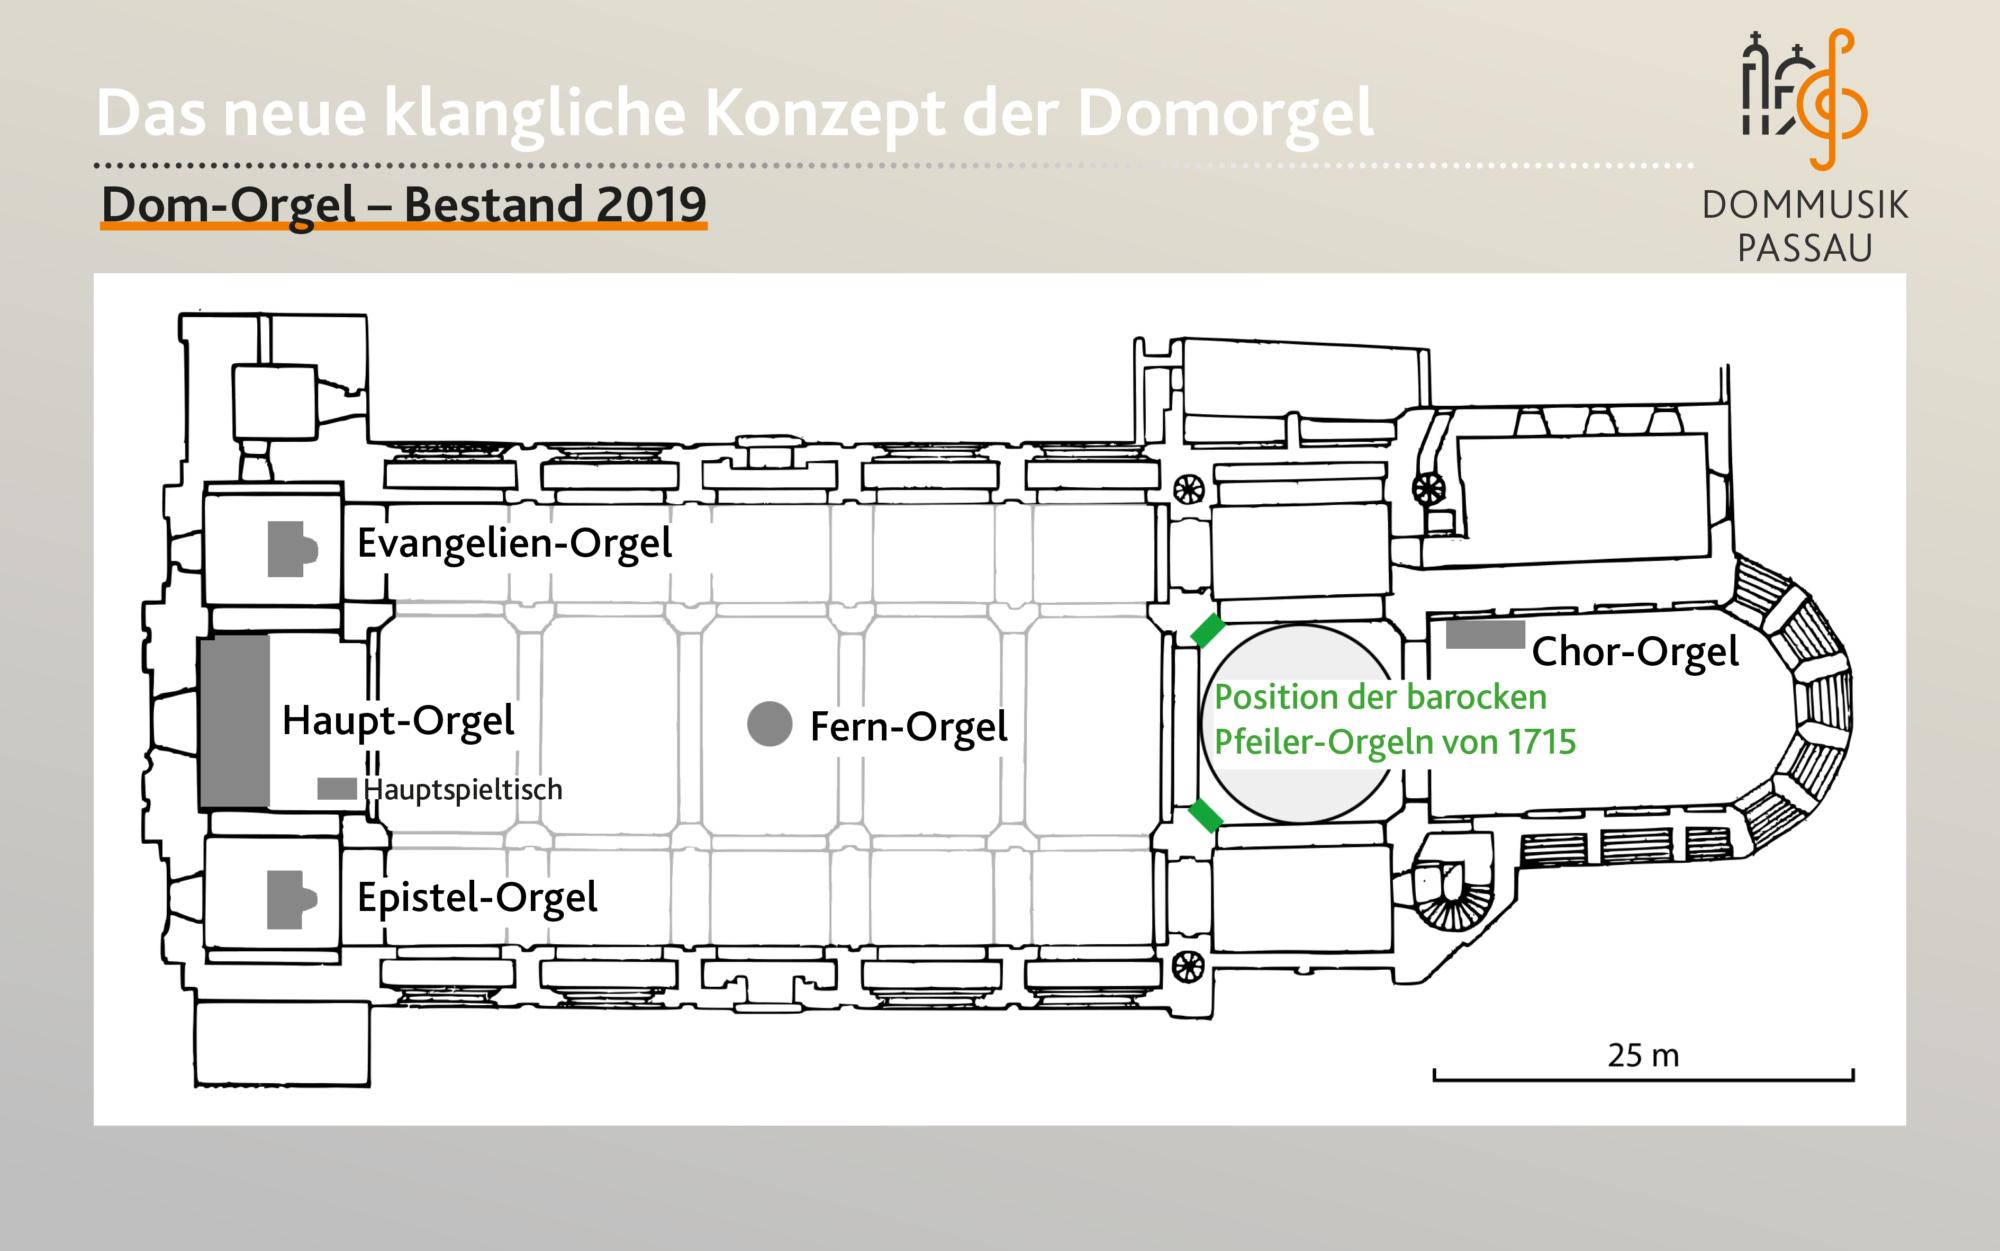 Präsentation Sanierung Domorgel 2019 Presse 40